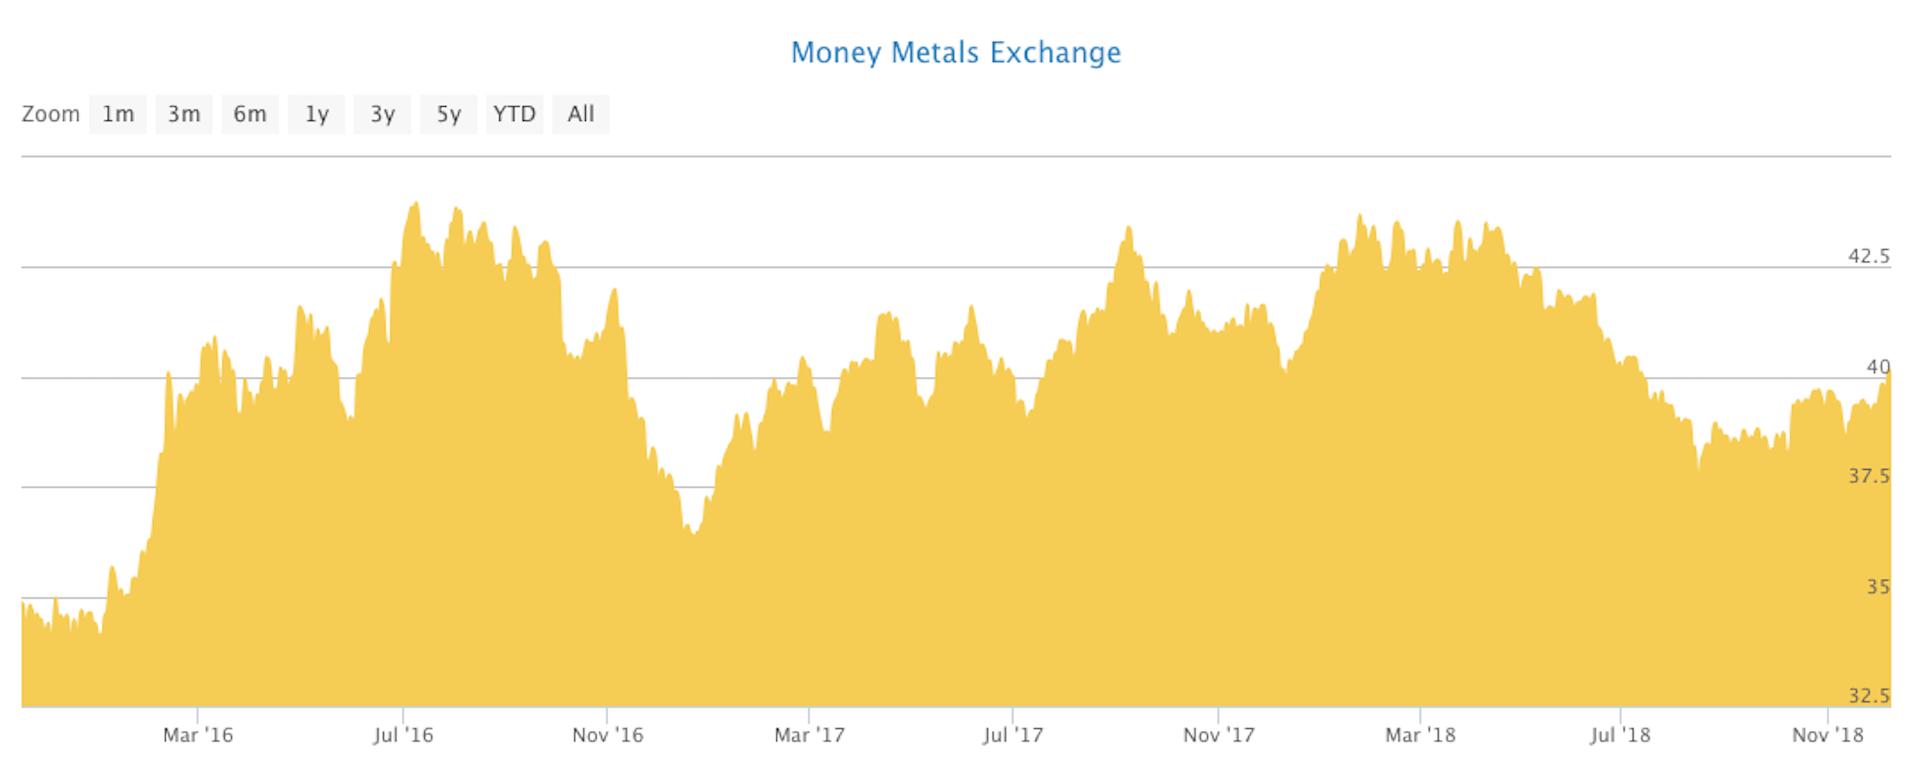 Price of gold (US$ per gram), 2016-18. Money Metals Exchange